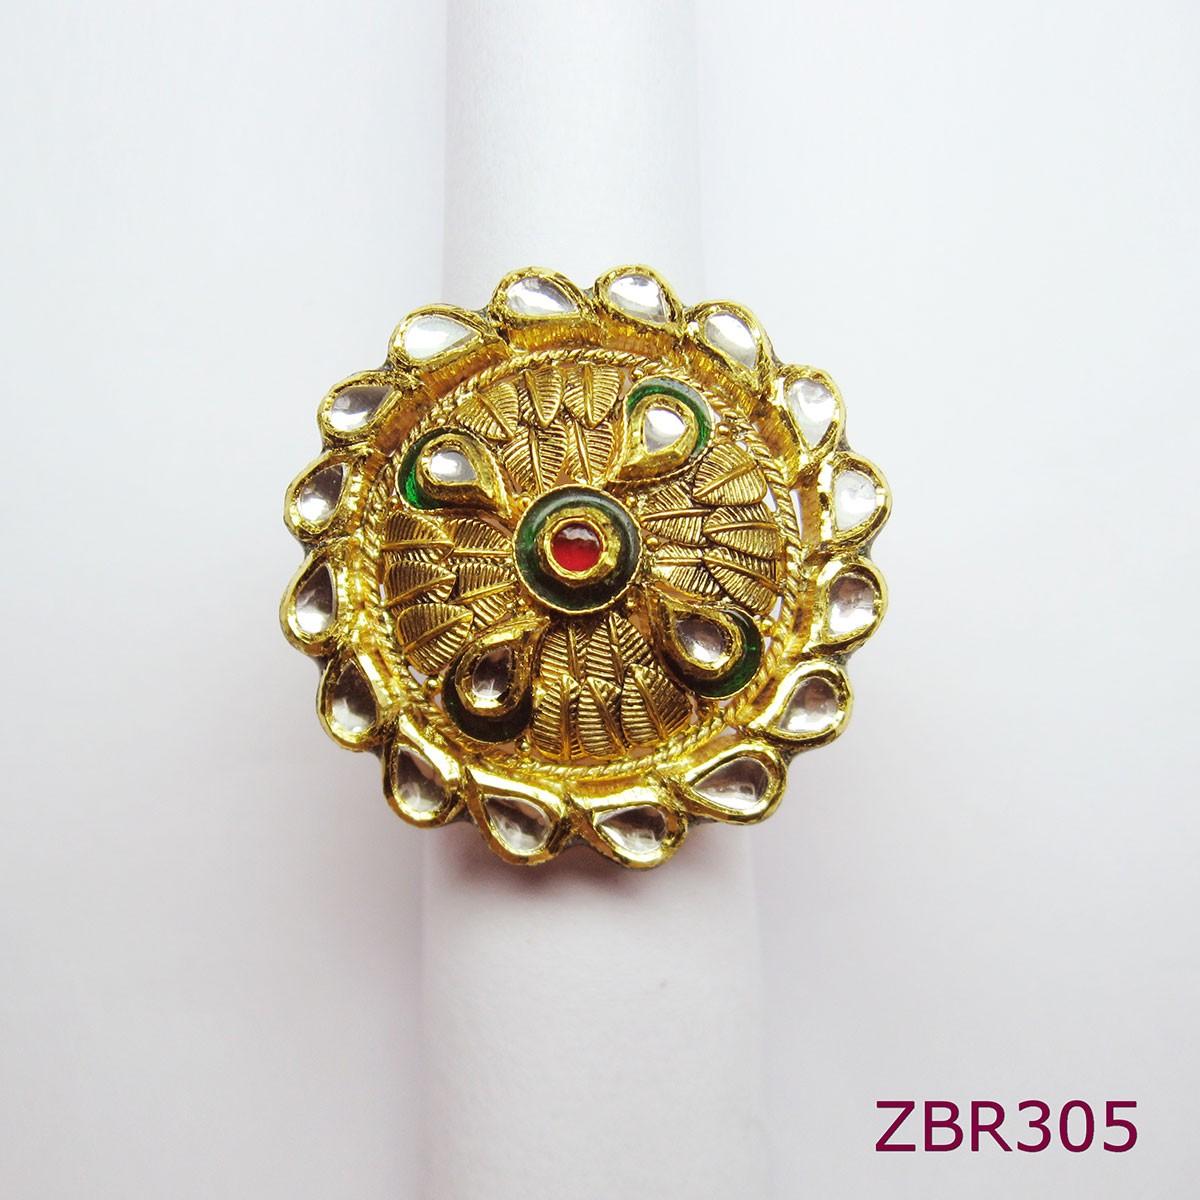 ZBR305